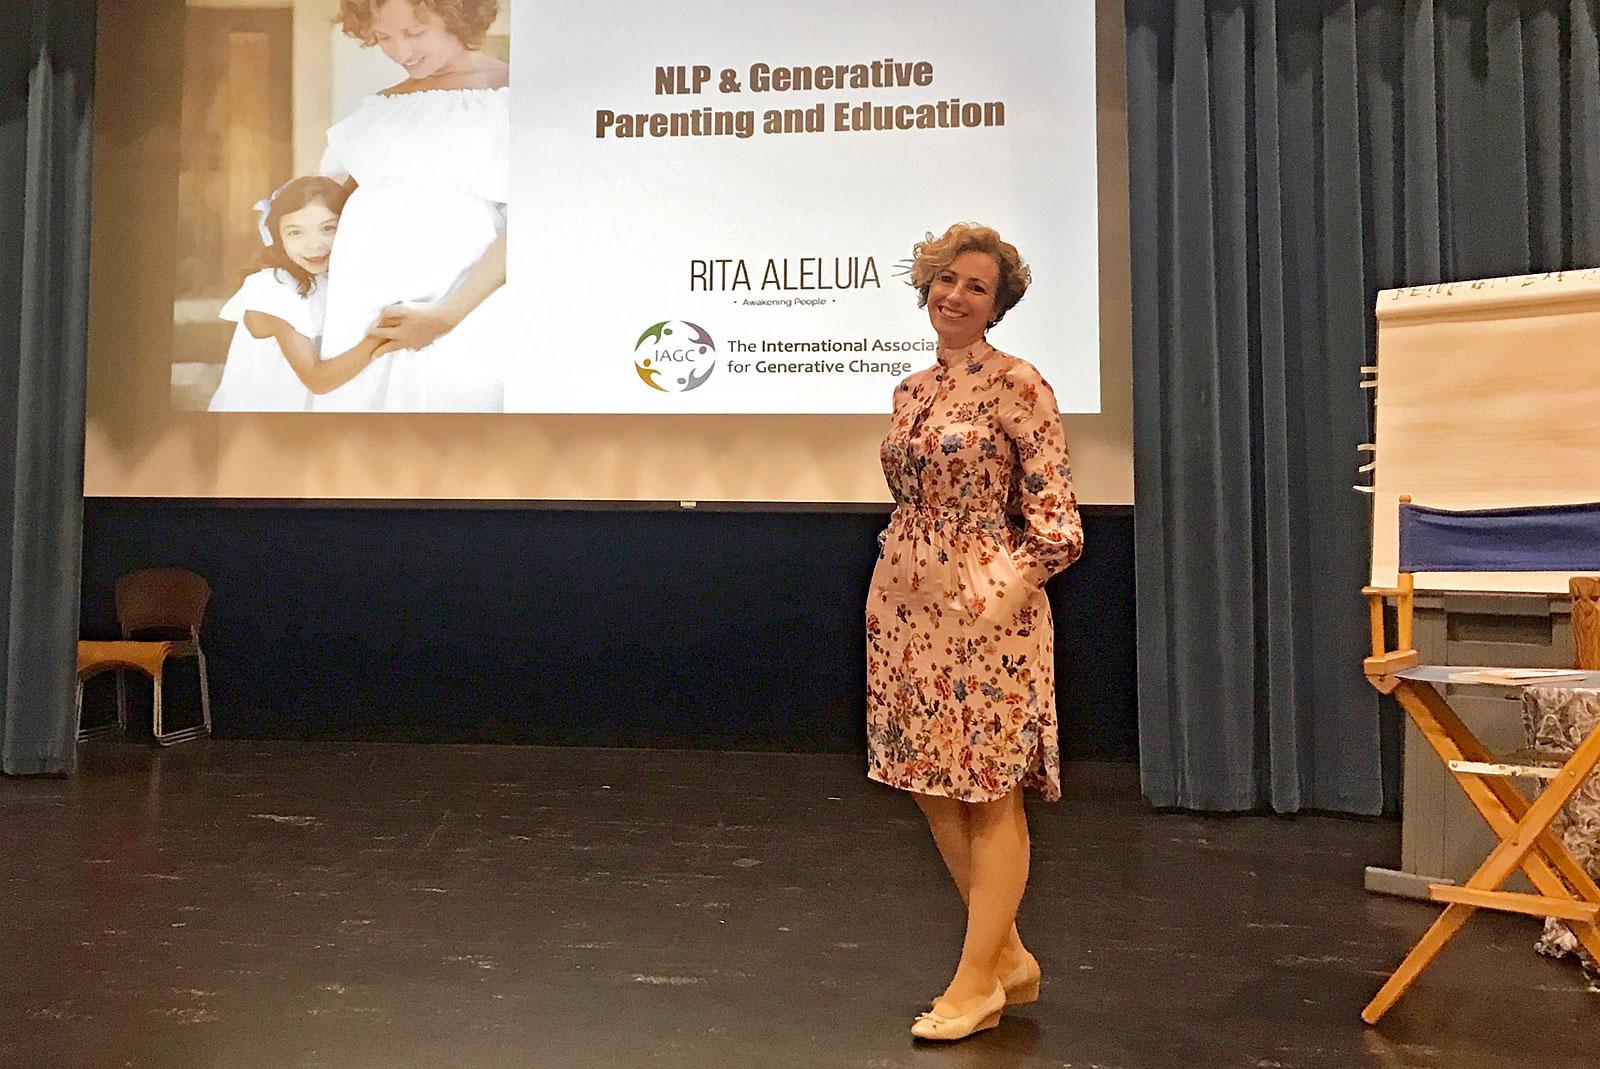 Rita Aleluia durante uma apresentação na International Association for Generative Change